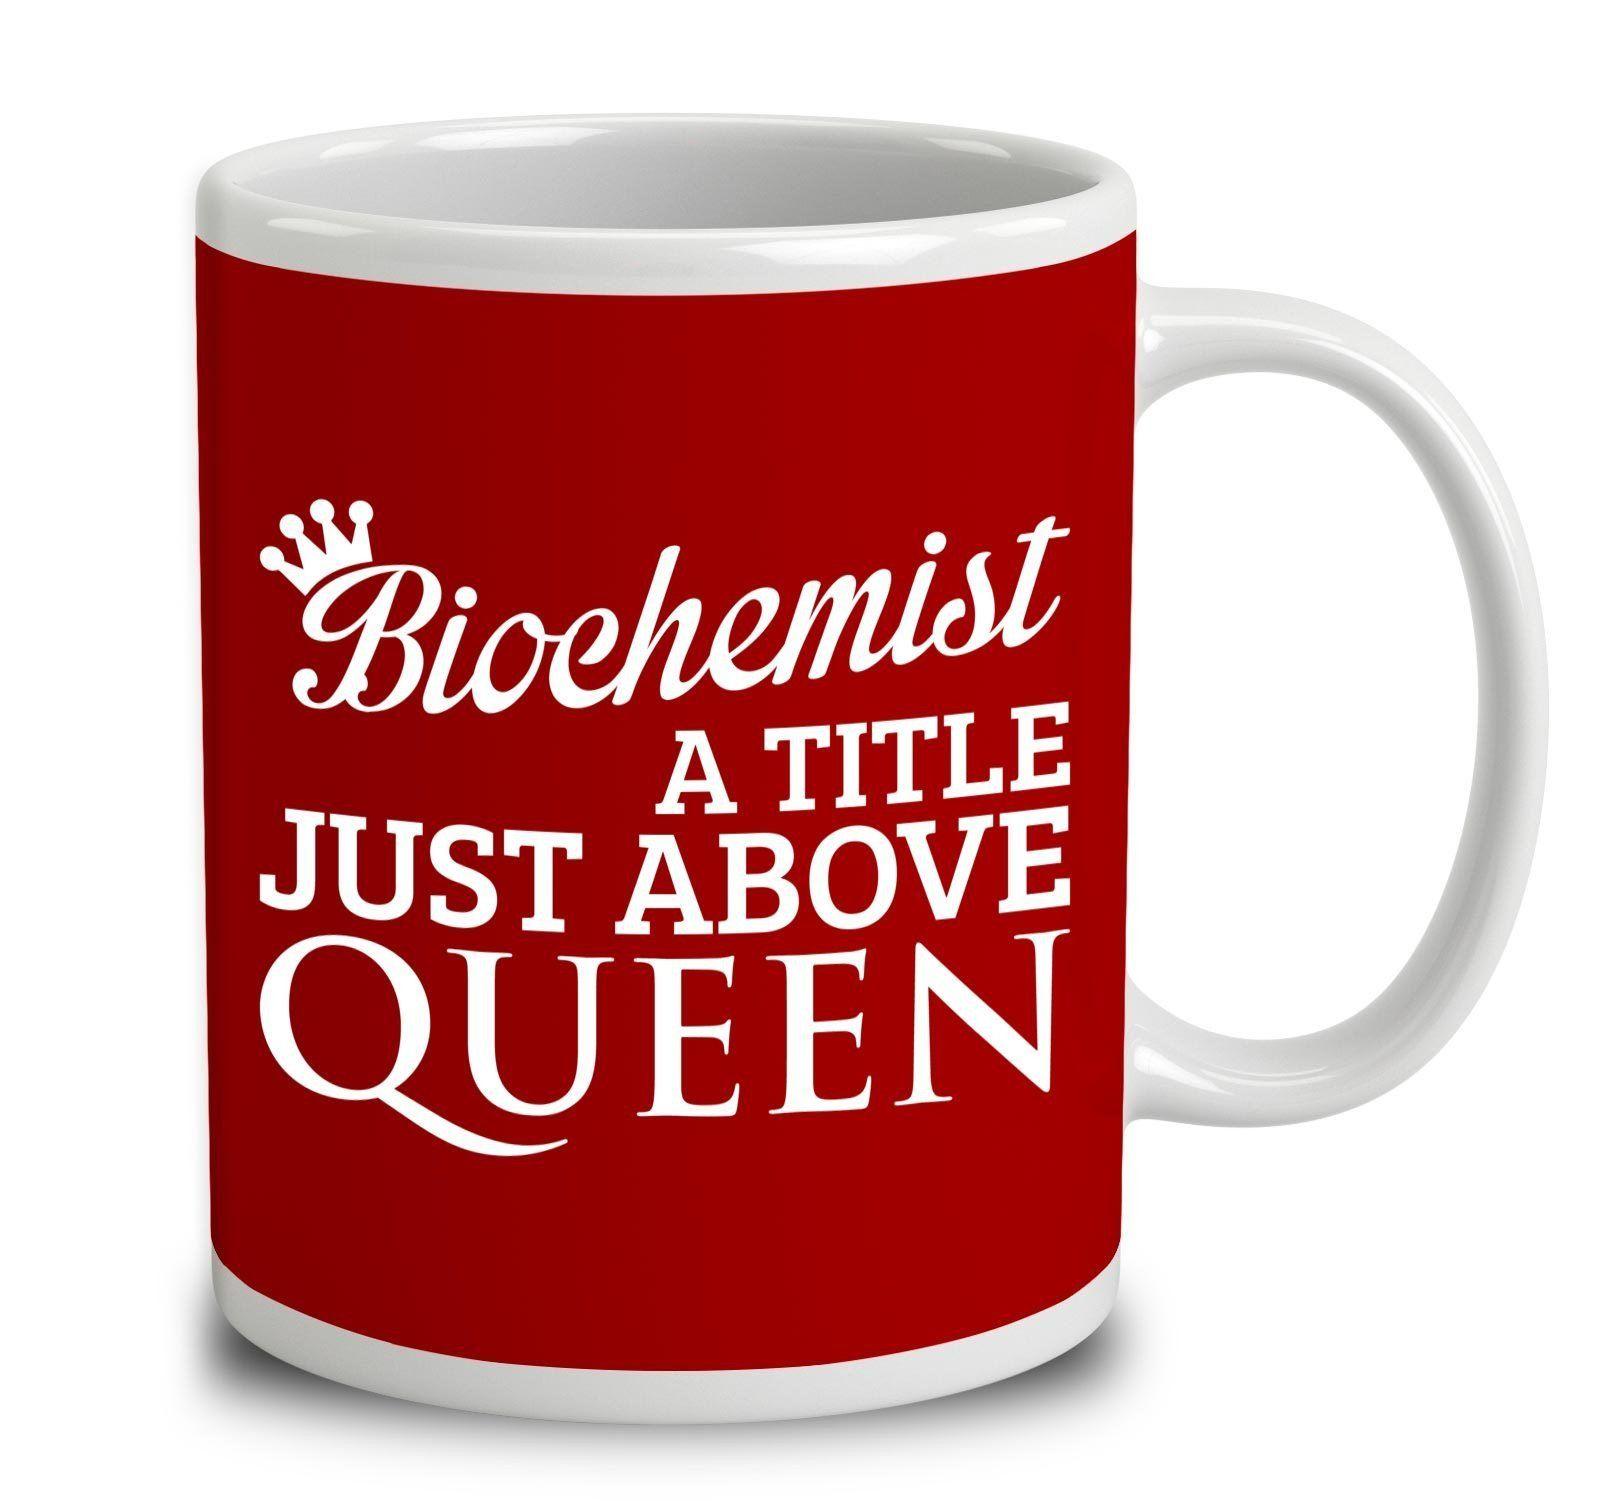 Biochemist a title just above queen mugs queen title